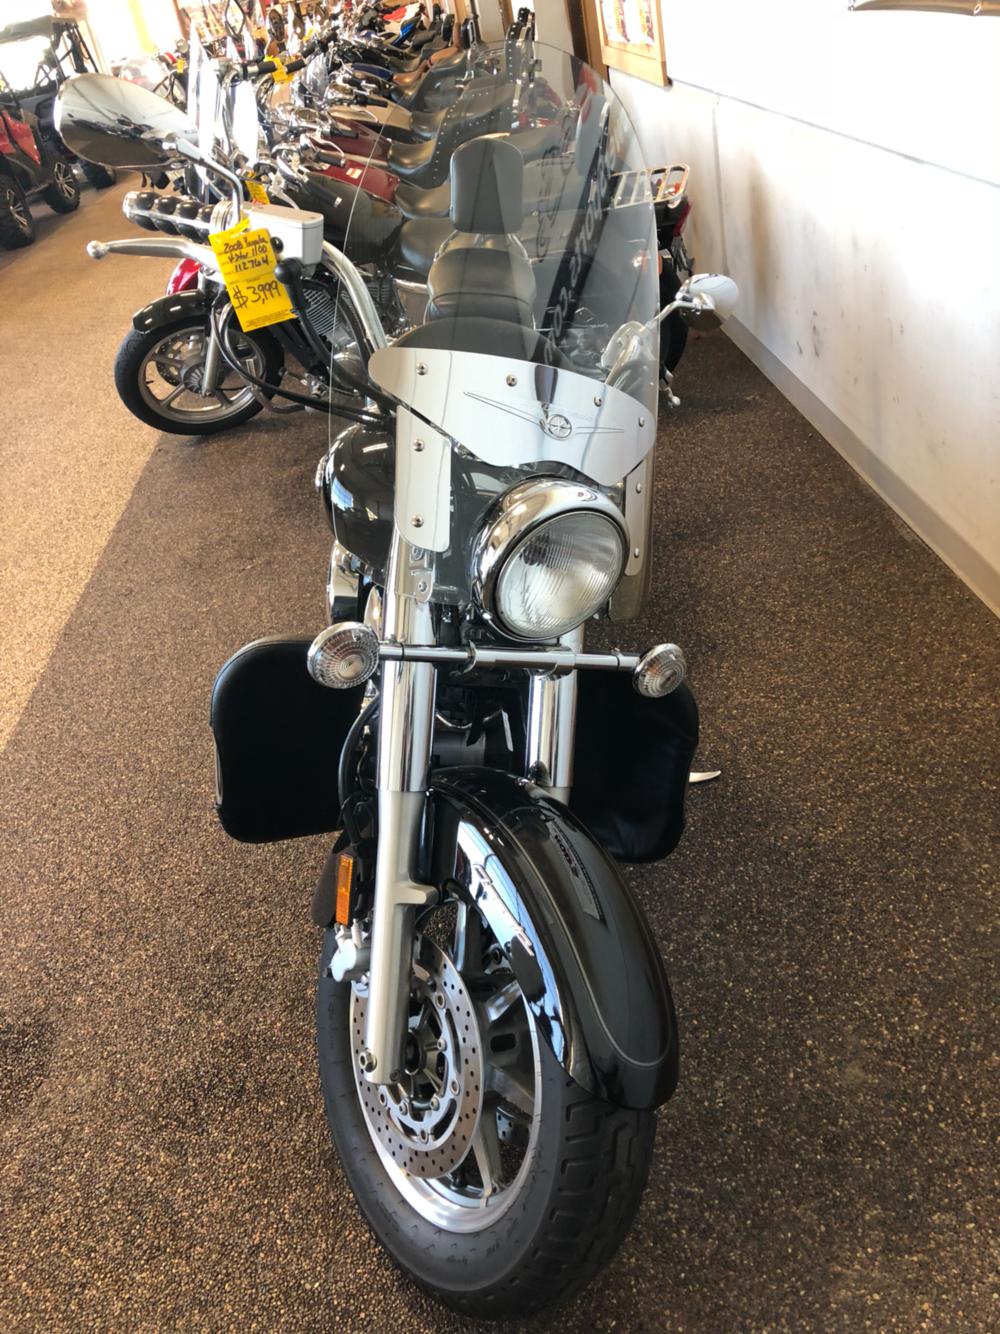 2008 Yamaha V Star 1100 5